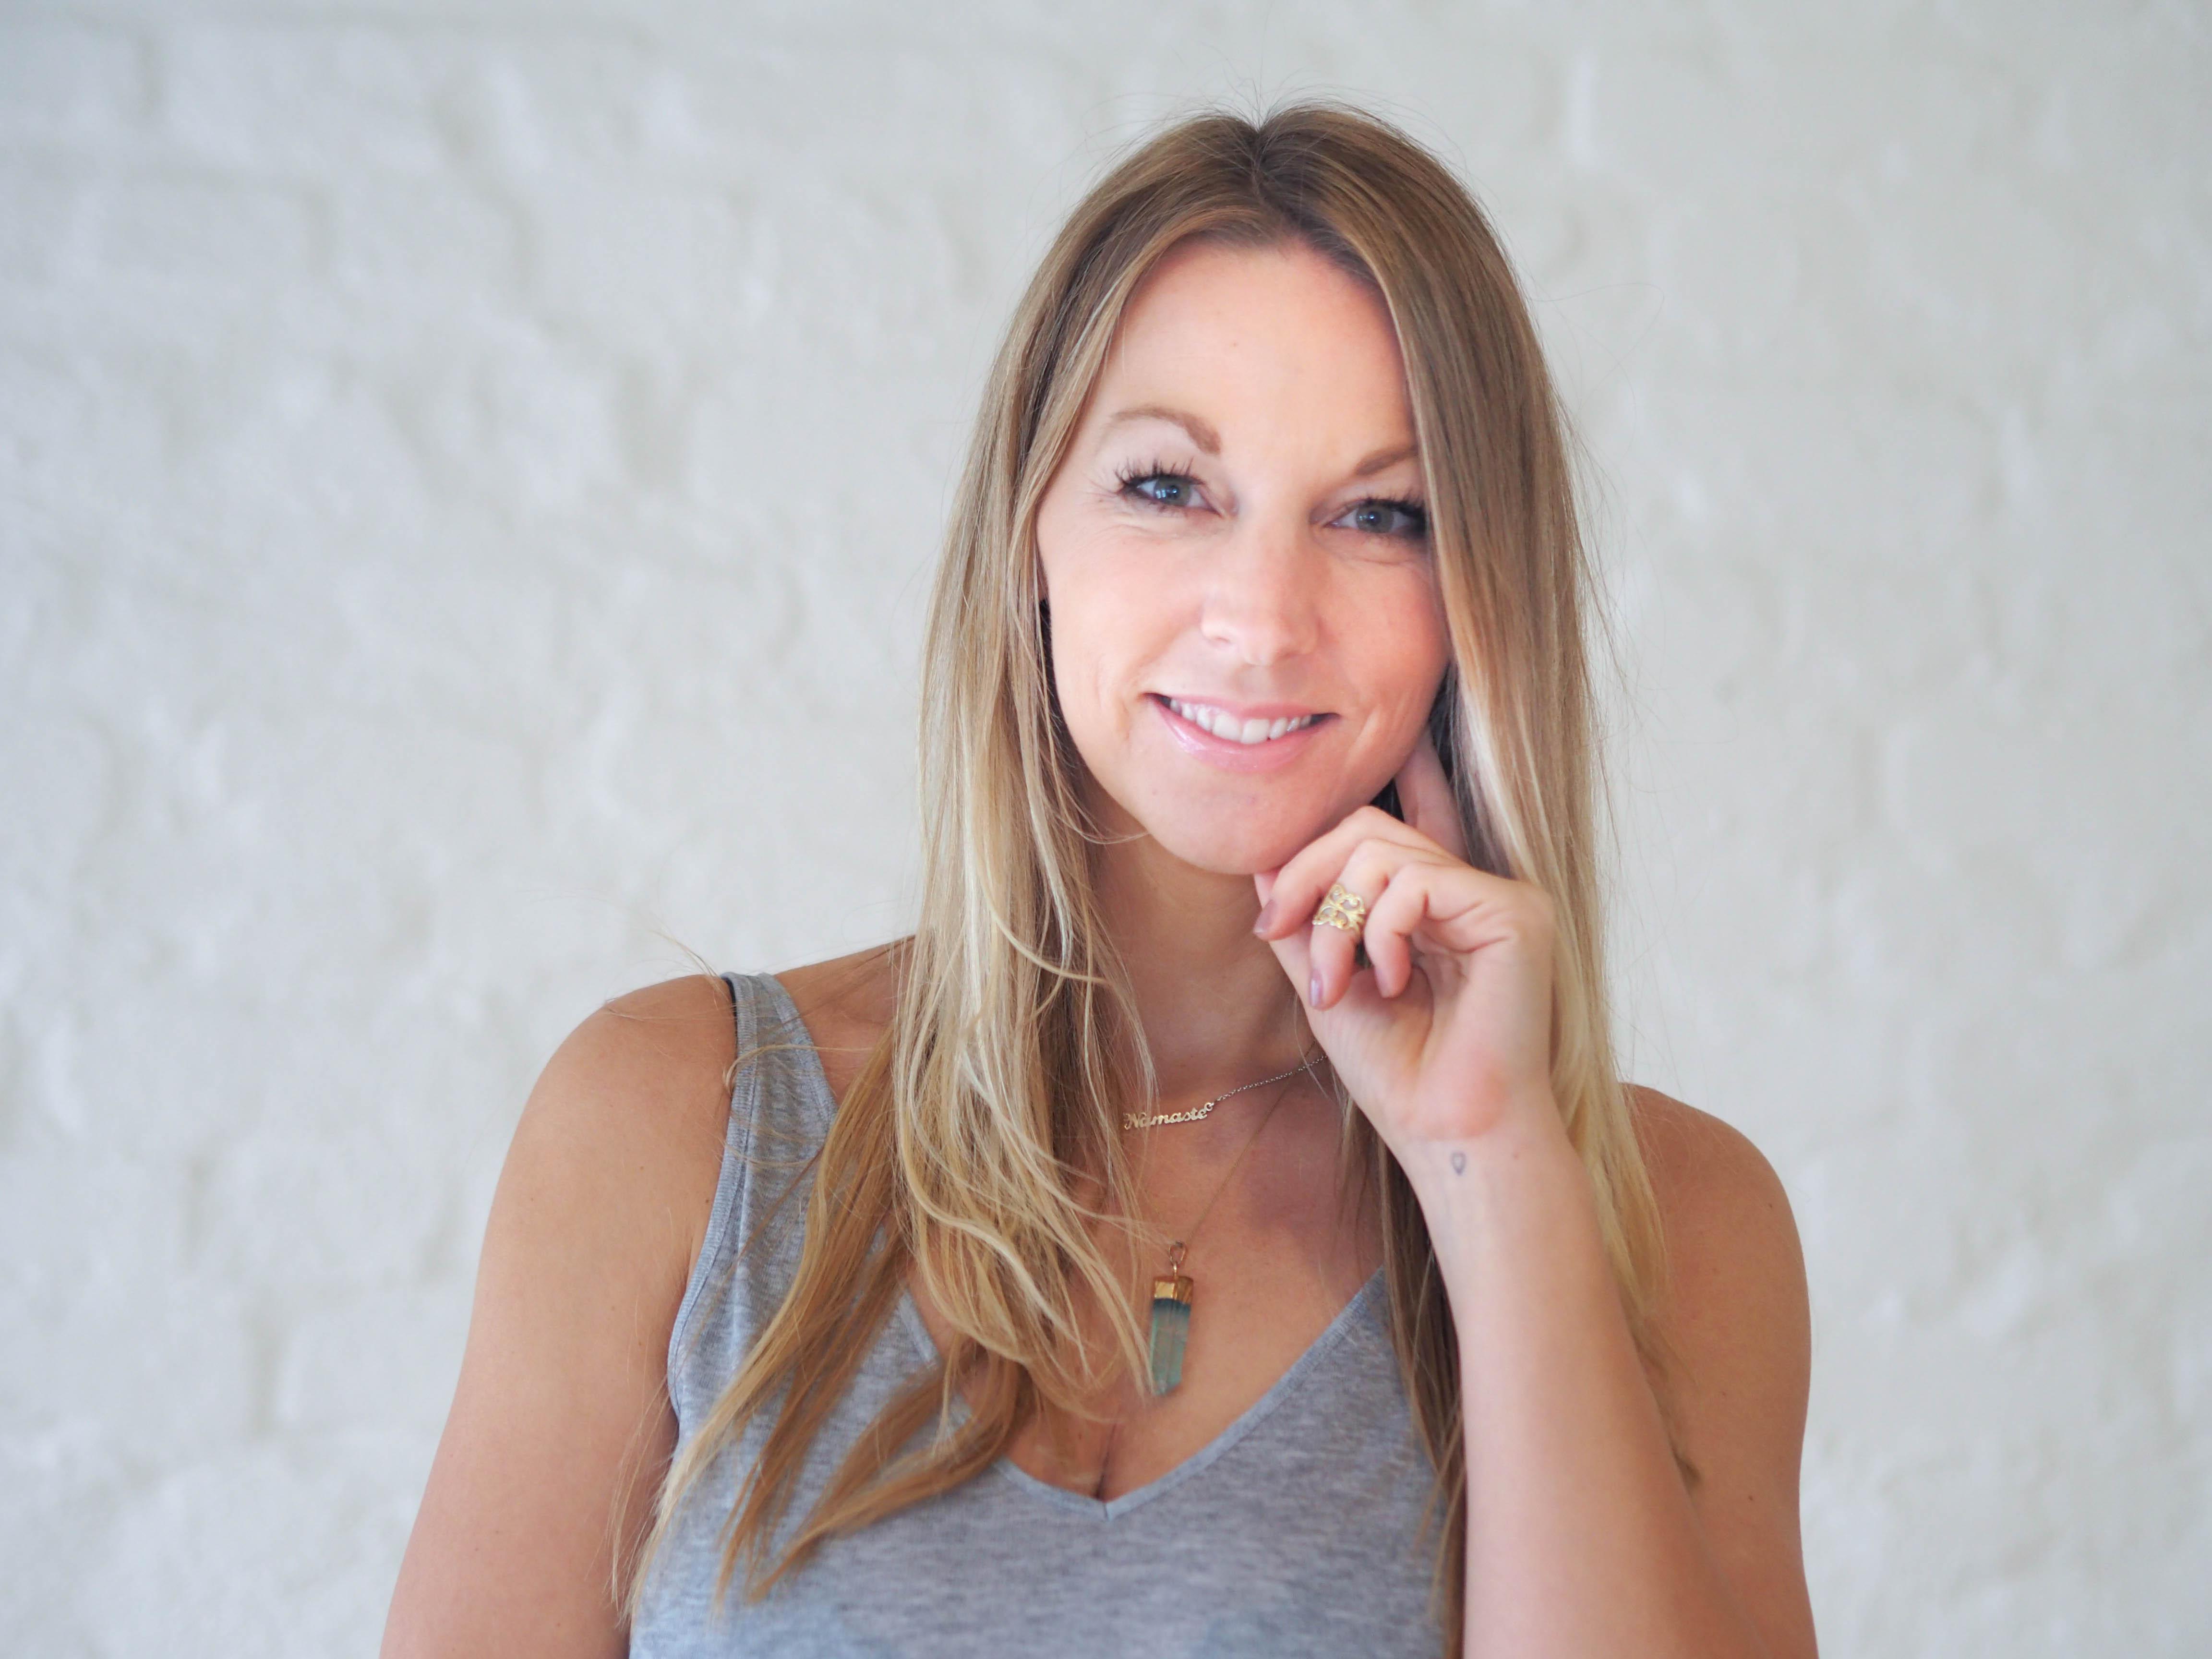 Nicole Dechow